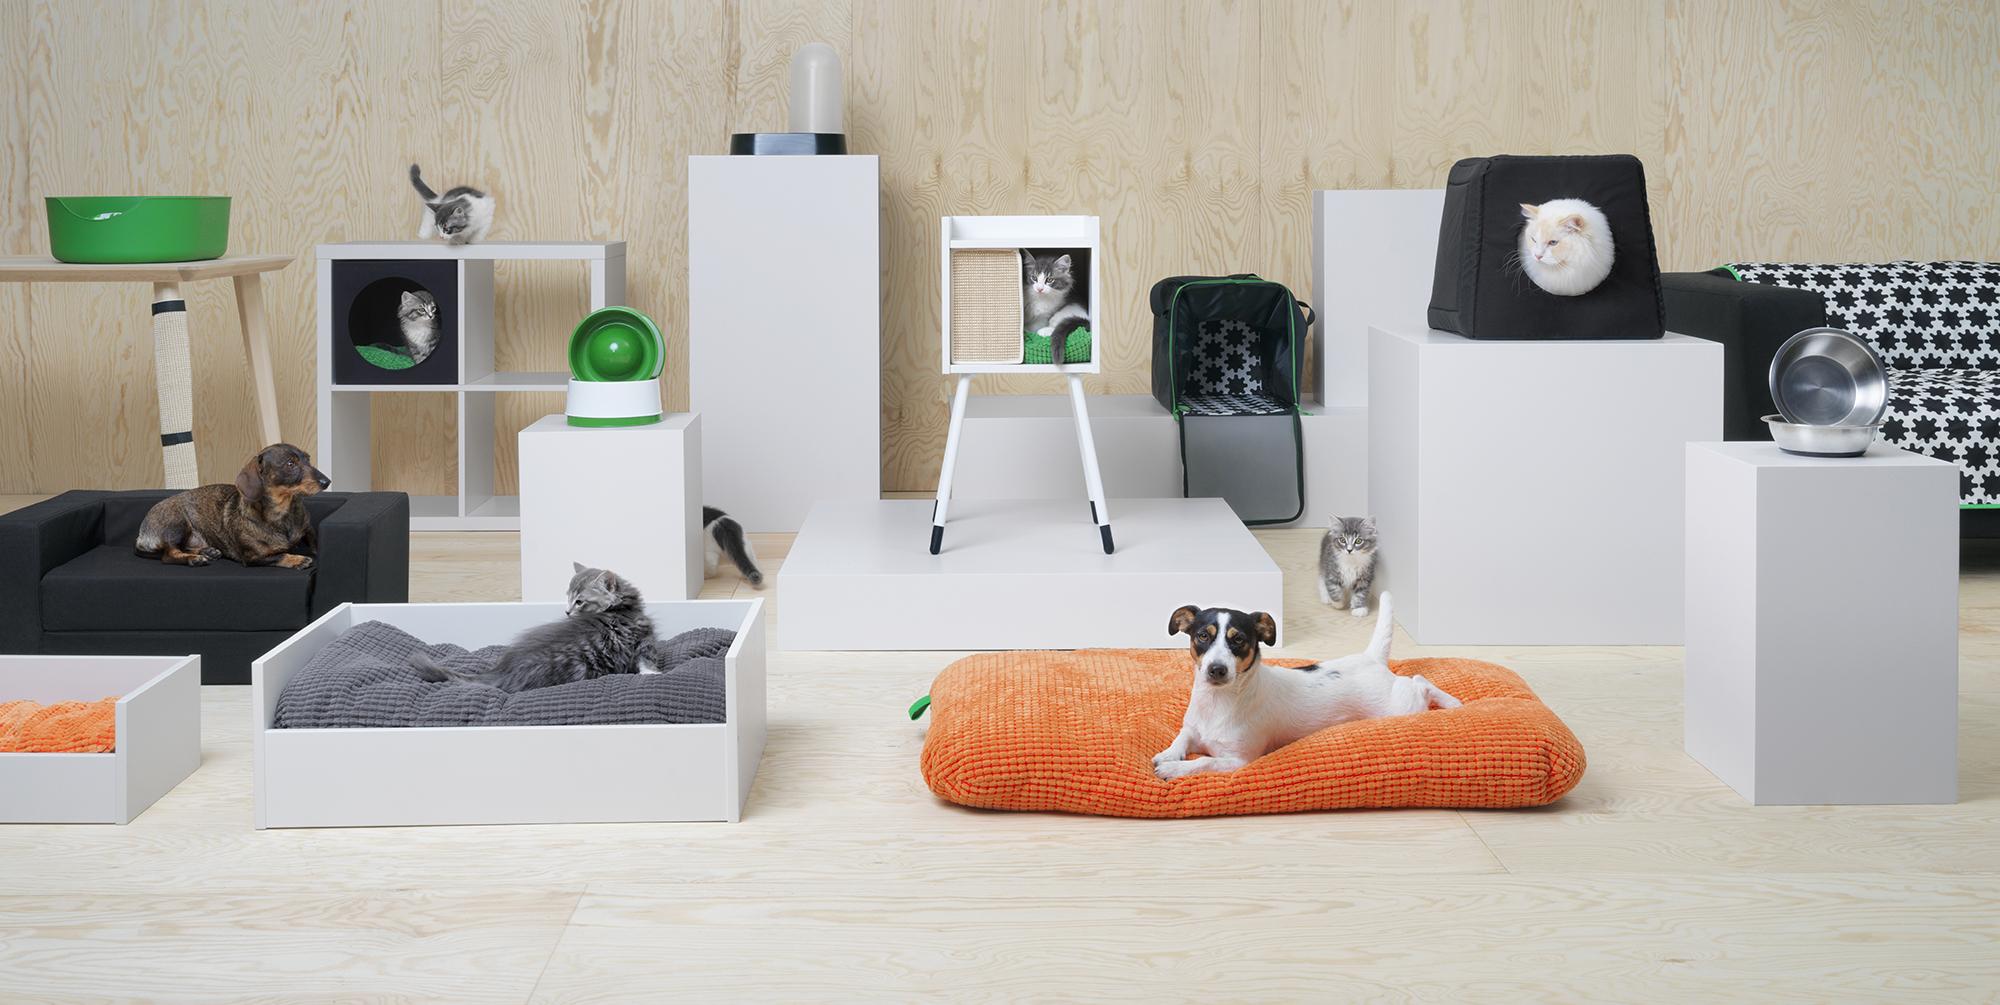 Ikea lanceert lurvig de collectie die je viervoeter in de watten legt